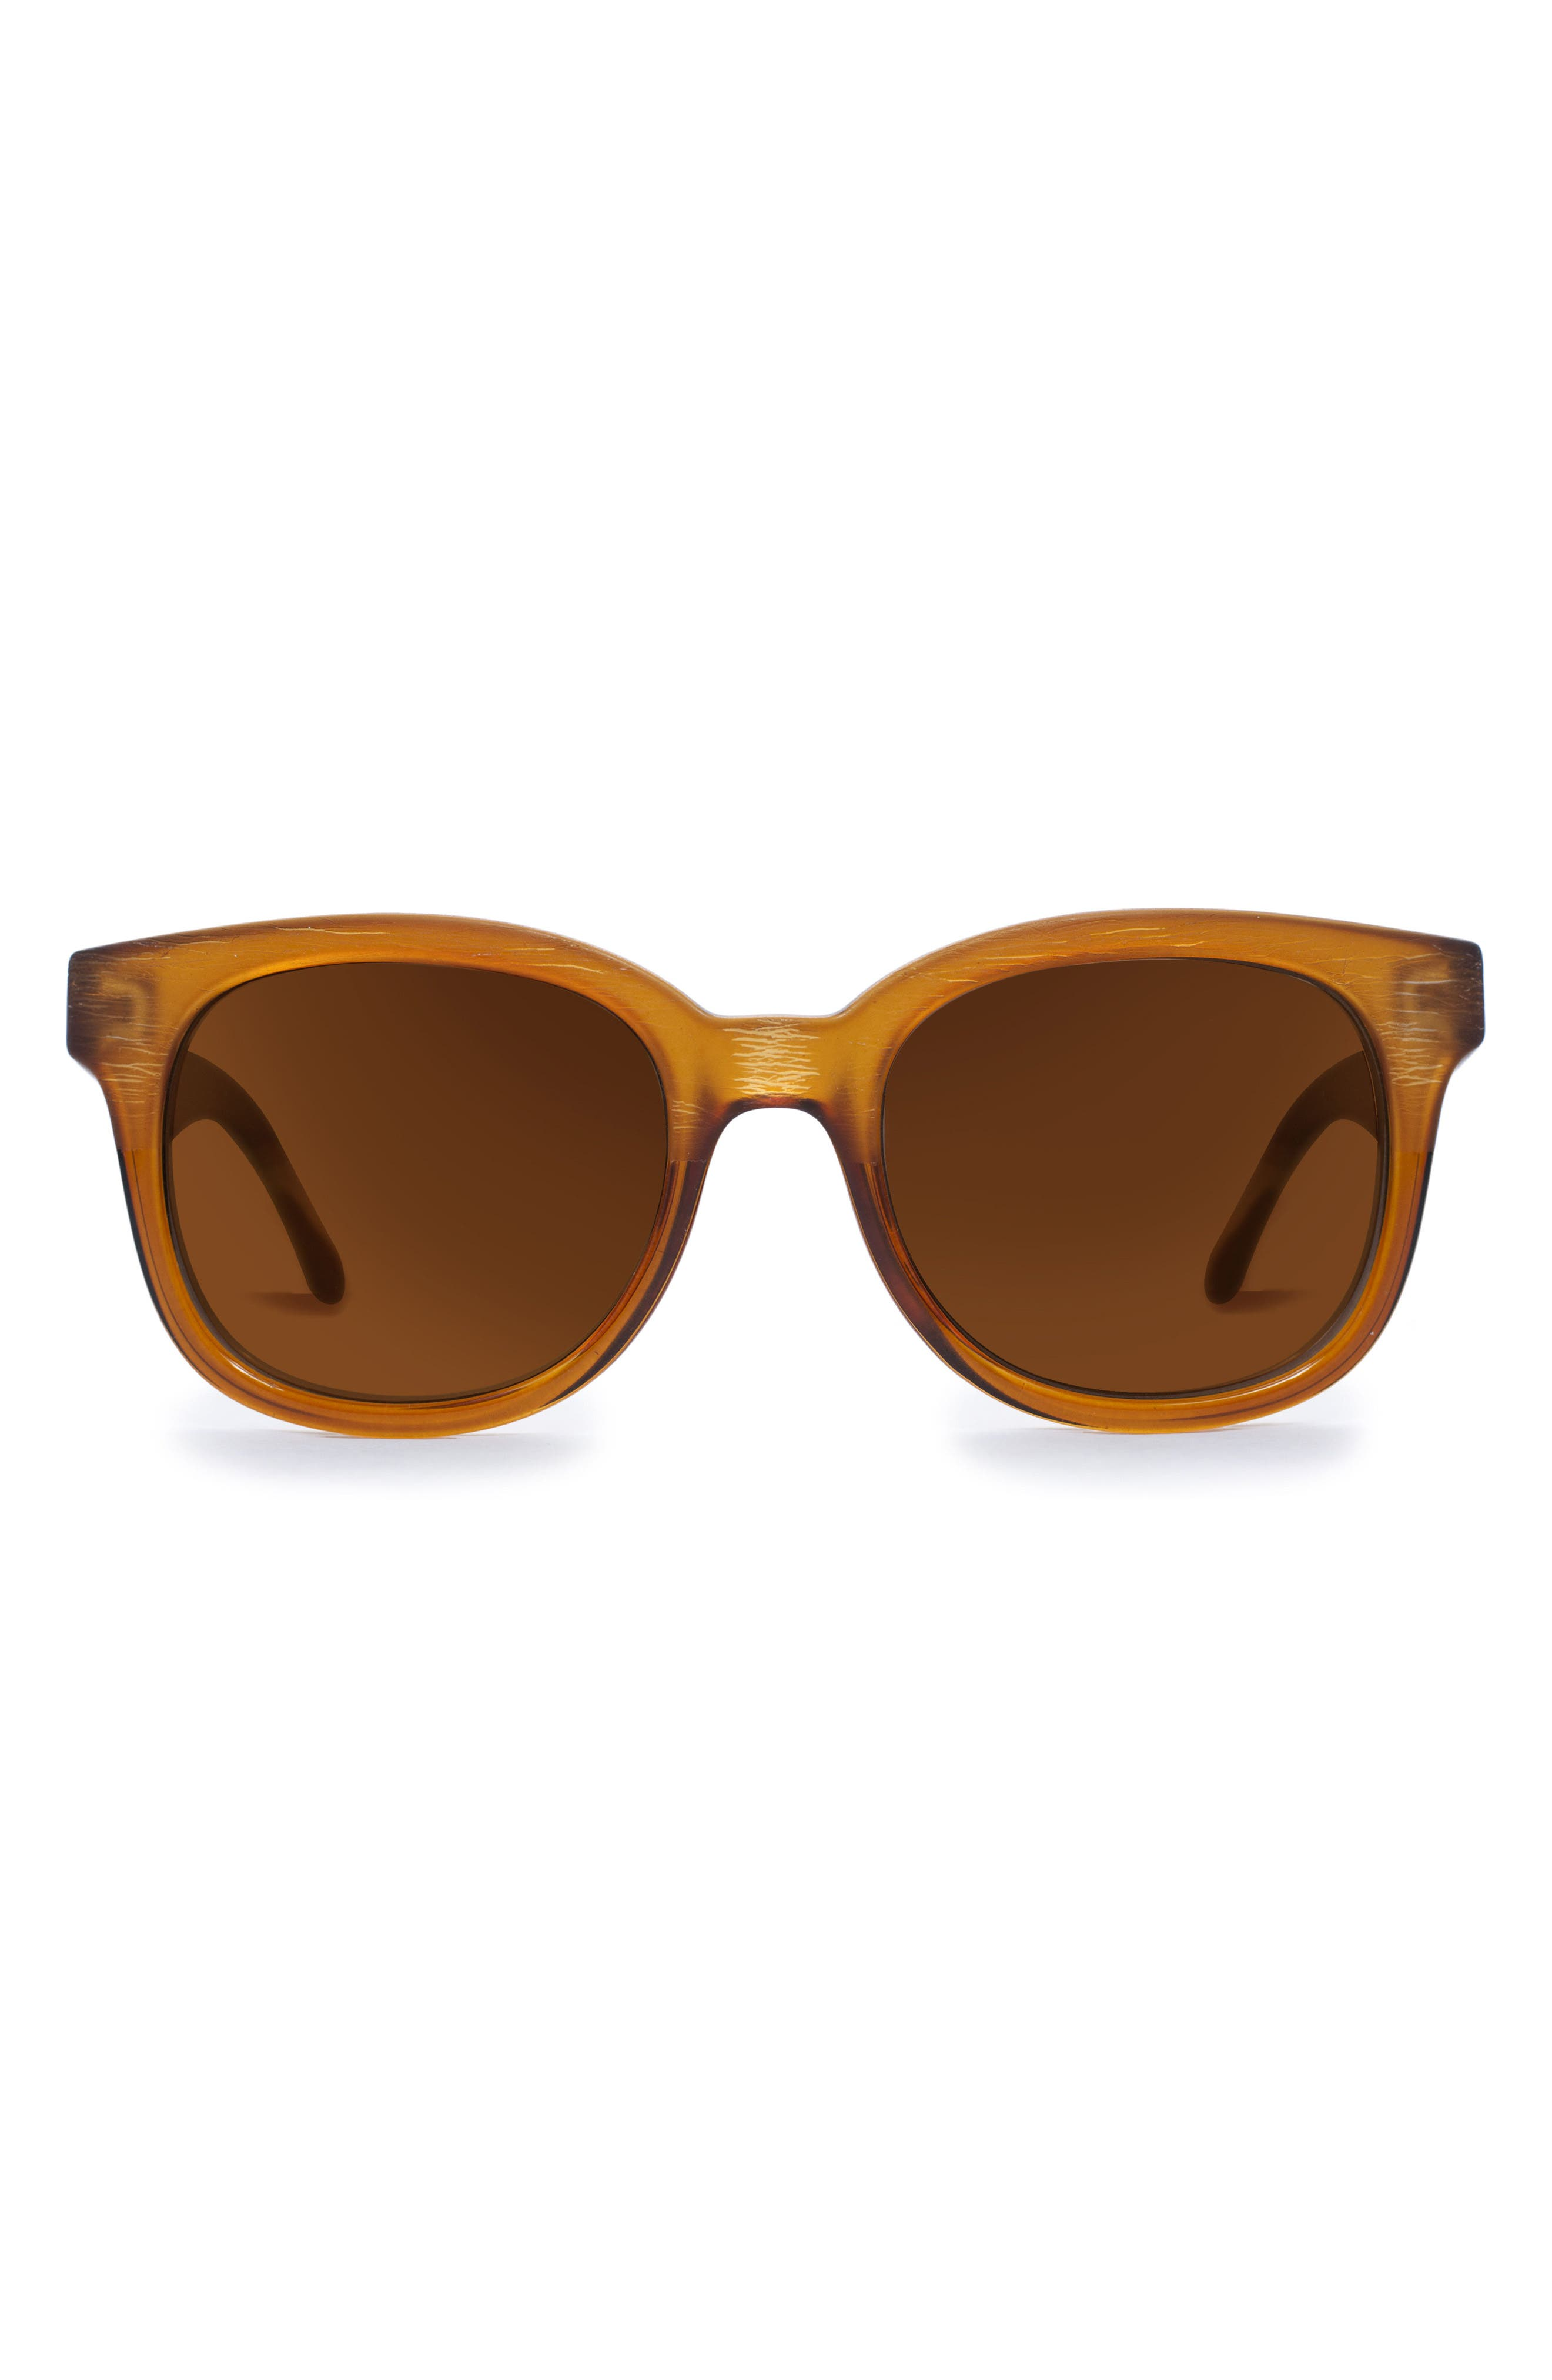 GLASSING New Age 53mm Retro Sunglasses